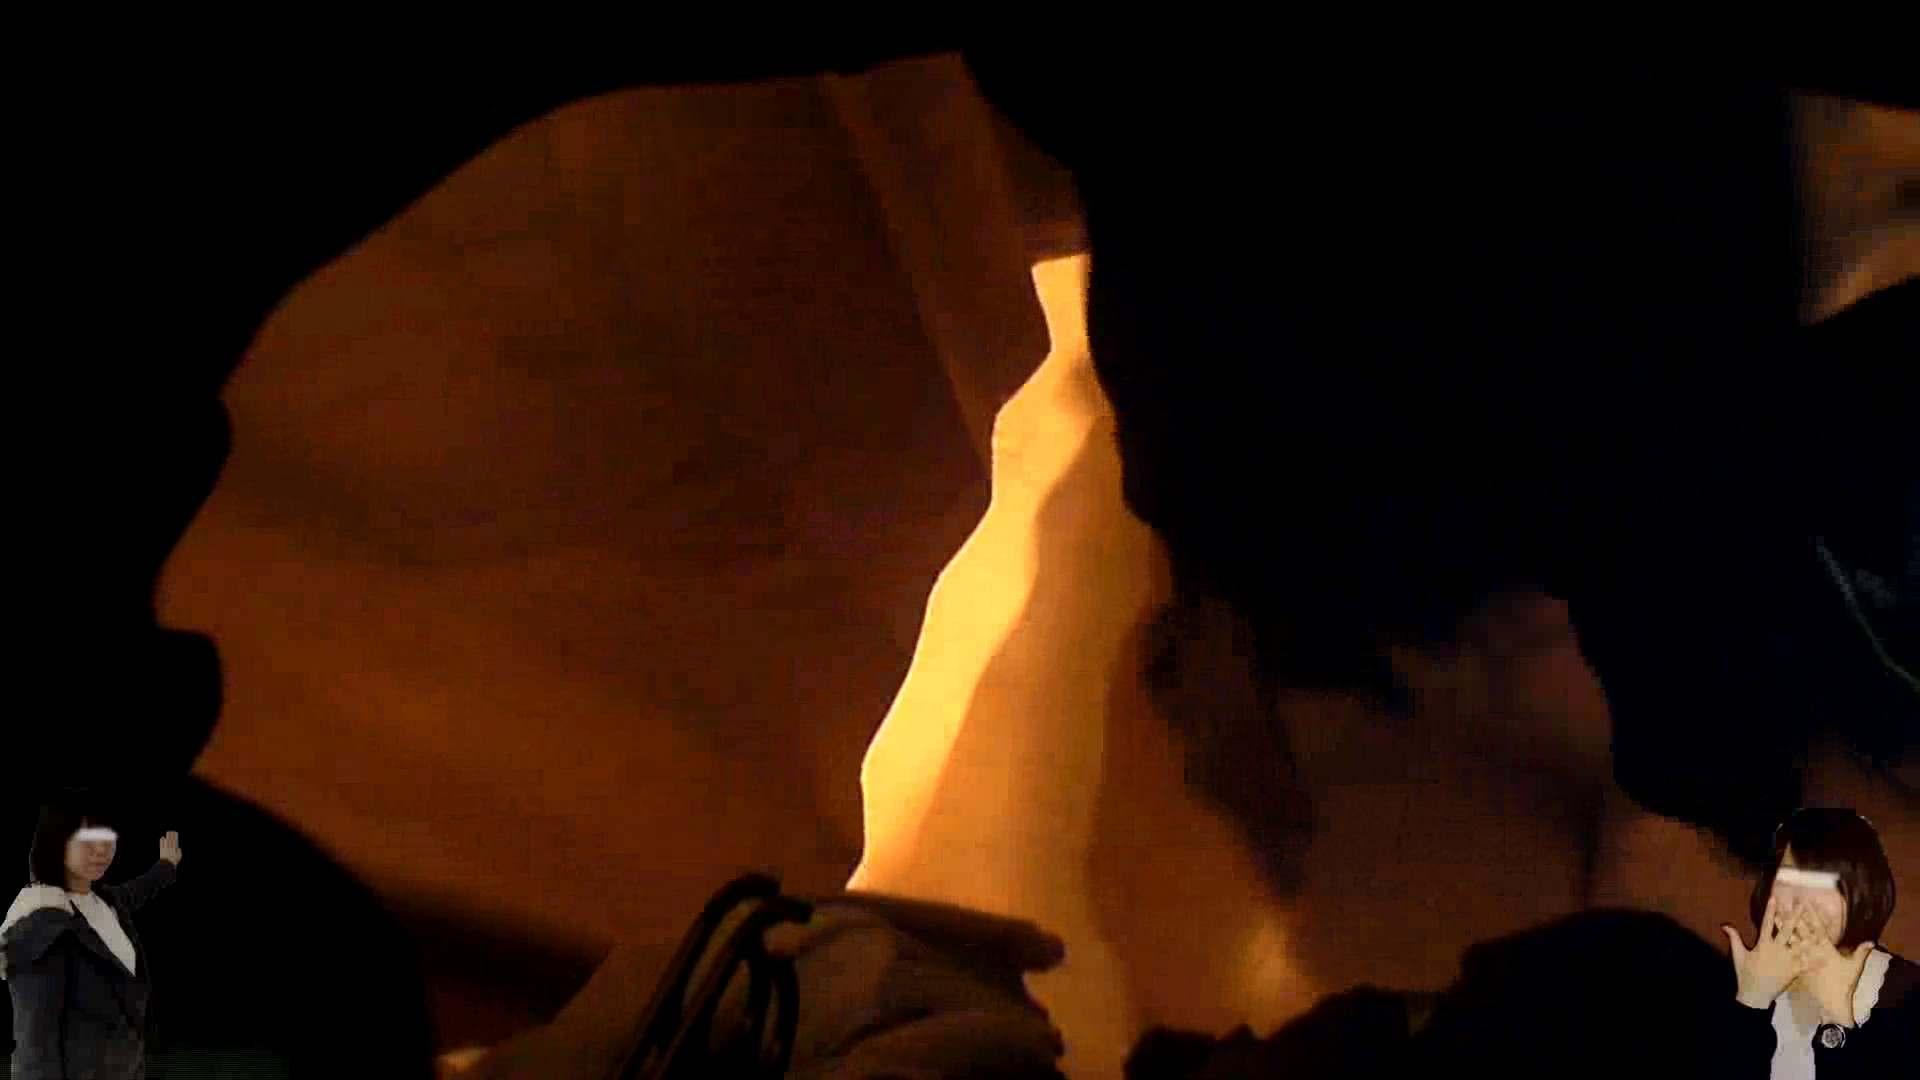 素人投稿 現役「JD」Eちゃんの着替え Vol.05 美しいOLの裸体 われめAV動画紹介 78pic 34